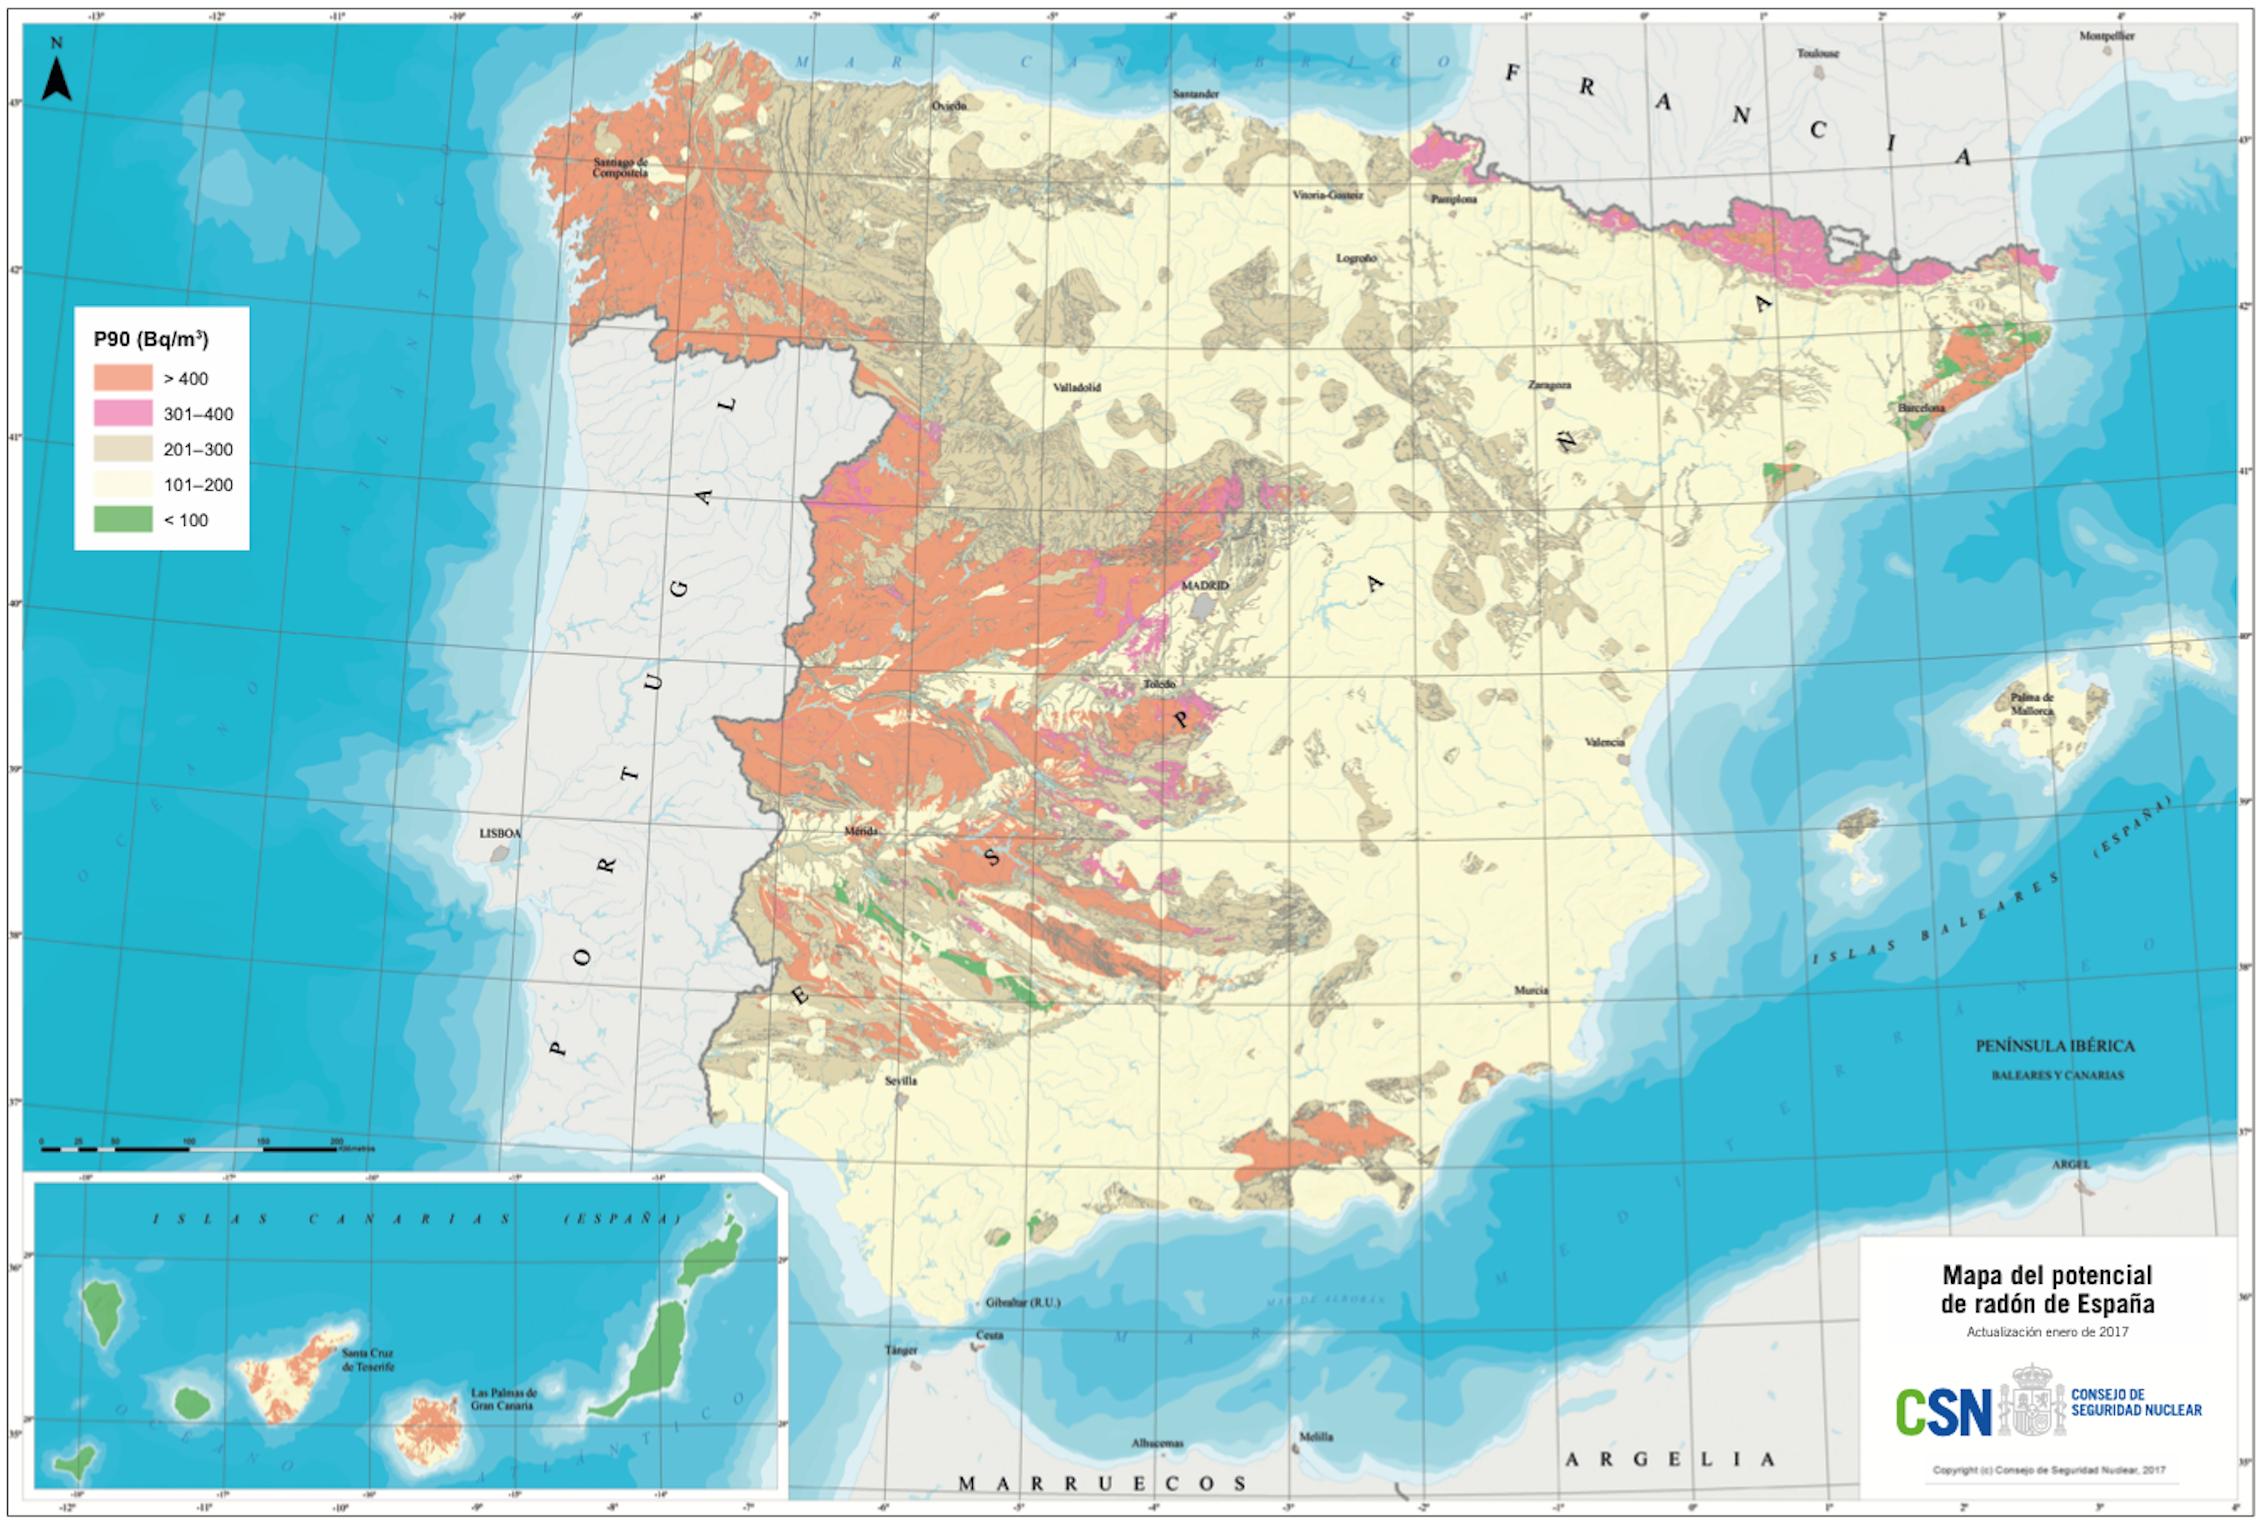 Mapa del potencial de radón en España.Consejo de Seguridad Nuclear